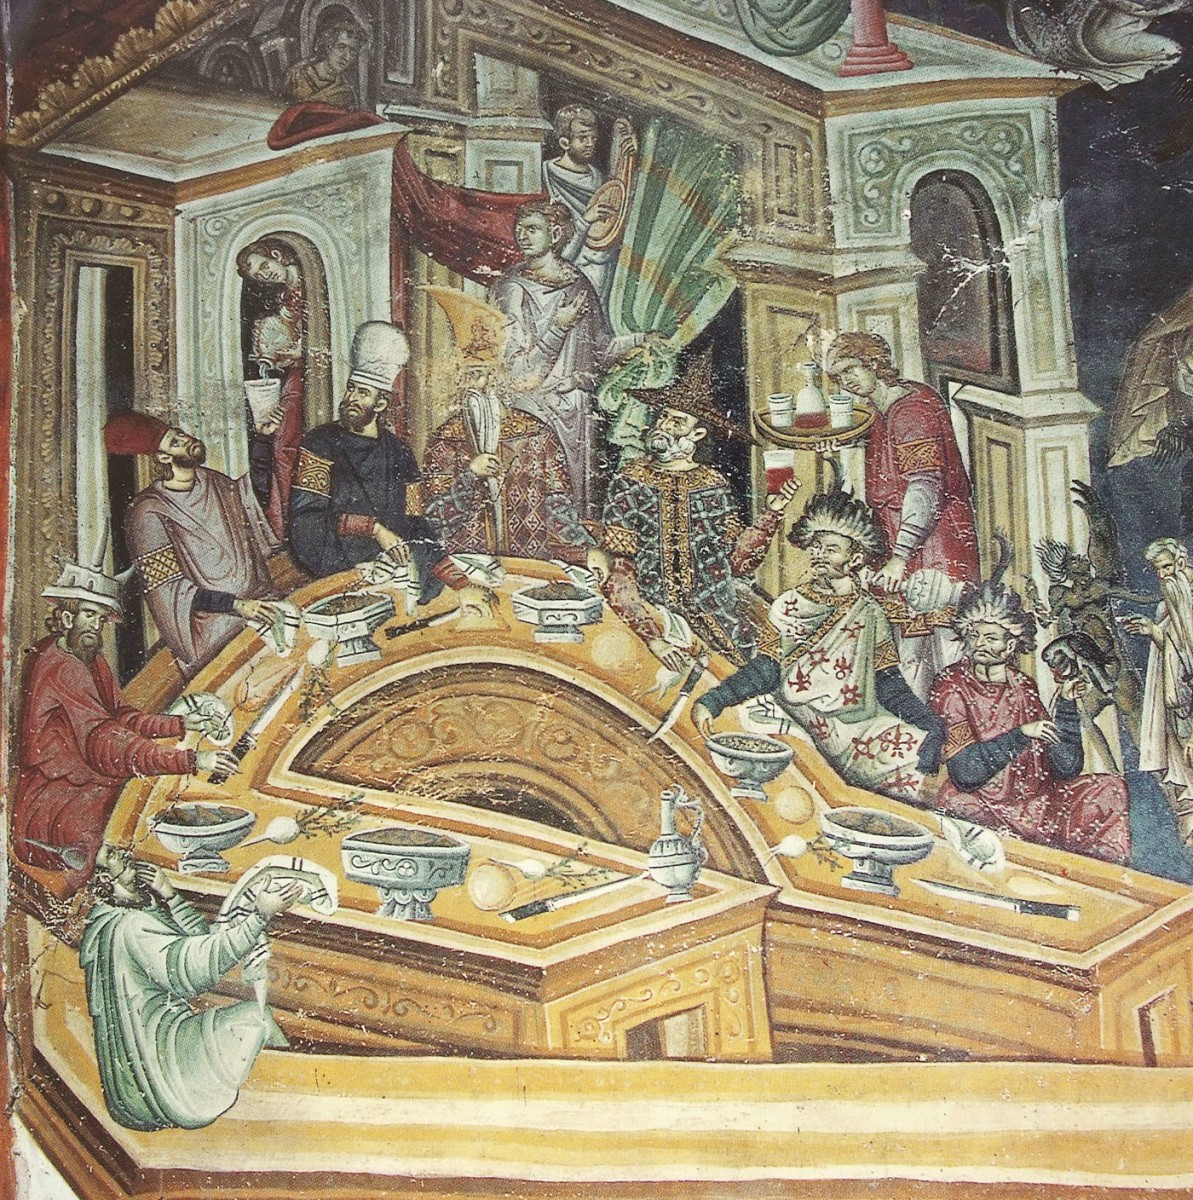 Εικ. 20. «Παράσταση της κλίμακας του Ιωάννη»: συμπόσιο πλουσίων (τοιχογραφία εξωνάρθηκα από την Ιερά Μεγίστη Μονή Βατοπαιδίου), «Ιερά Μεγίστη Μονή Βατοπαιδίου» (1996), τόμος Α΄, σ.  275.